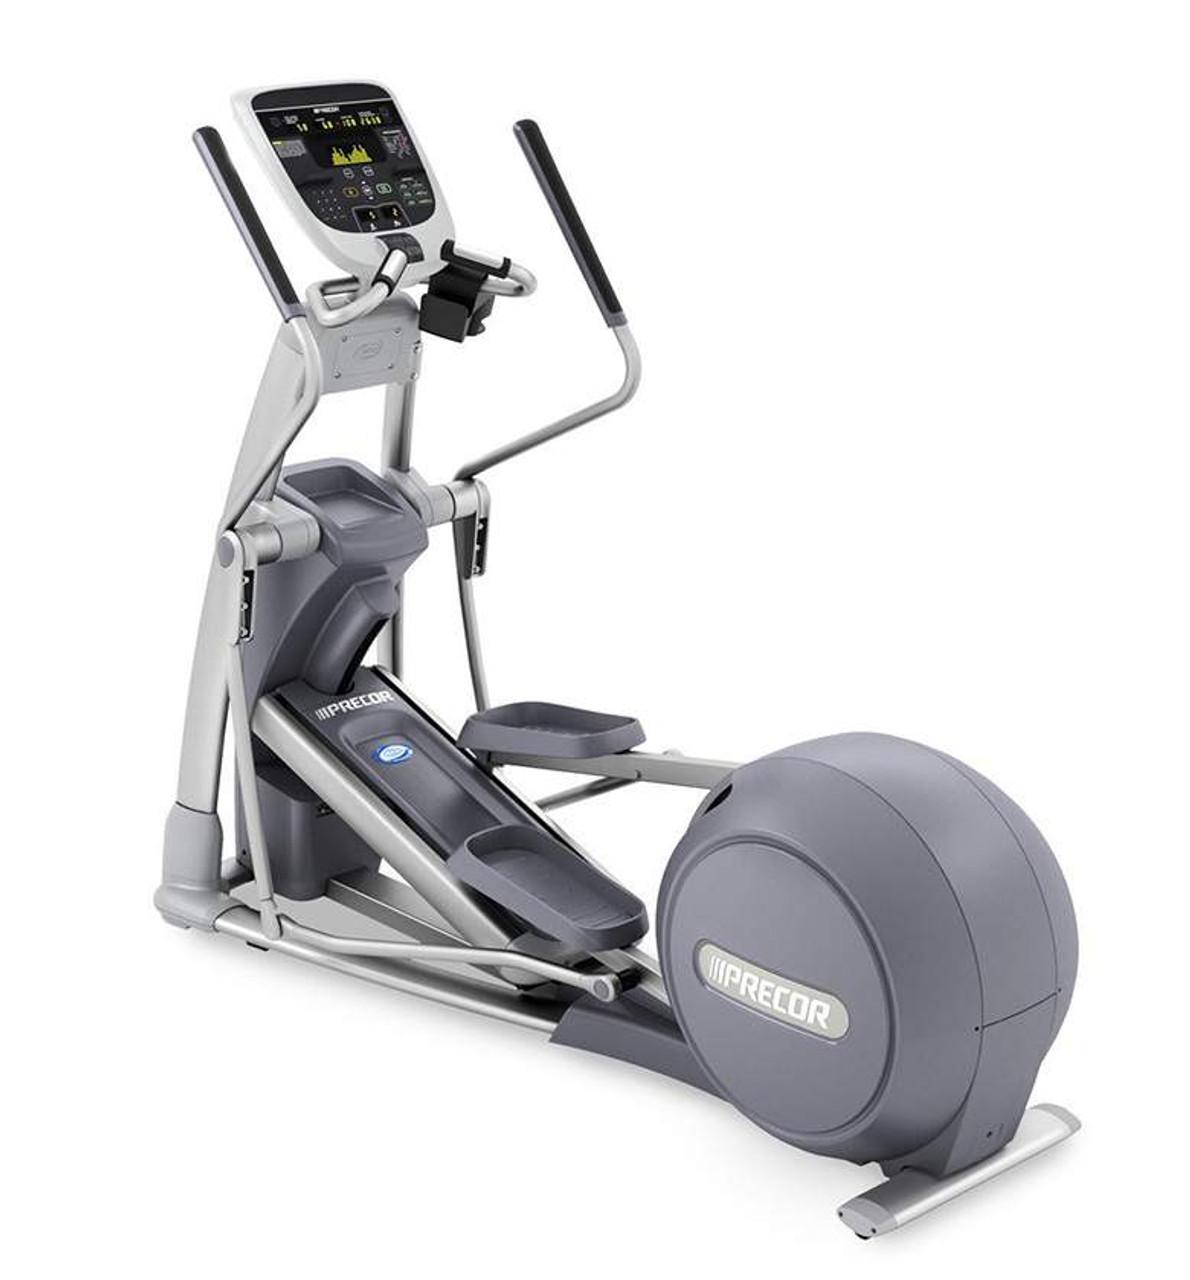 Precor 835 total body elliptical